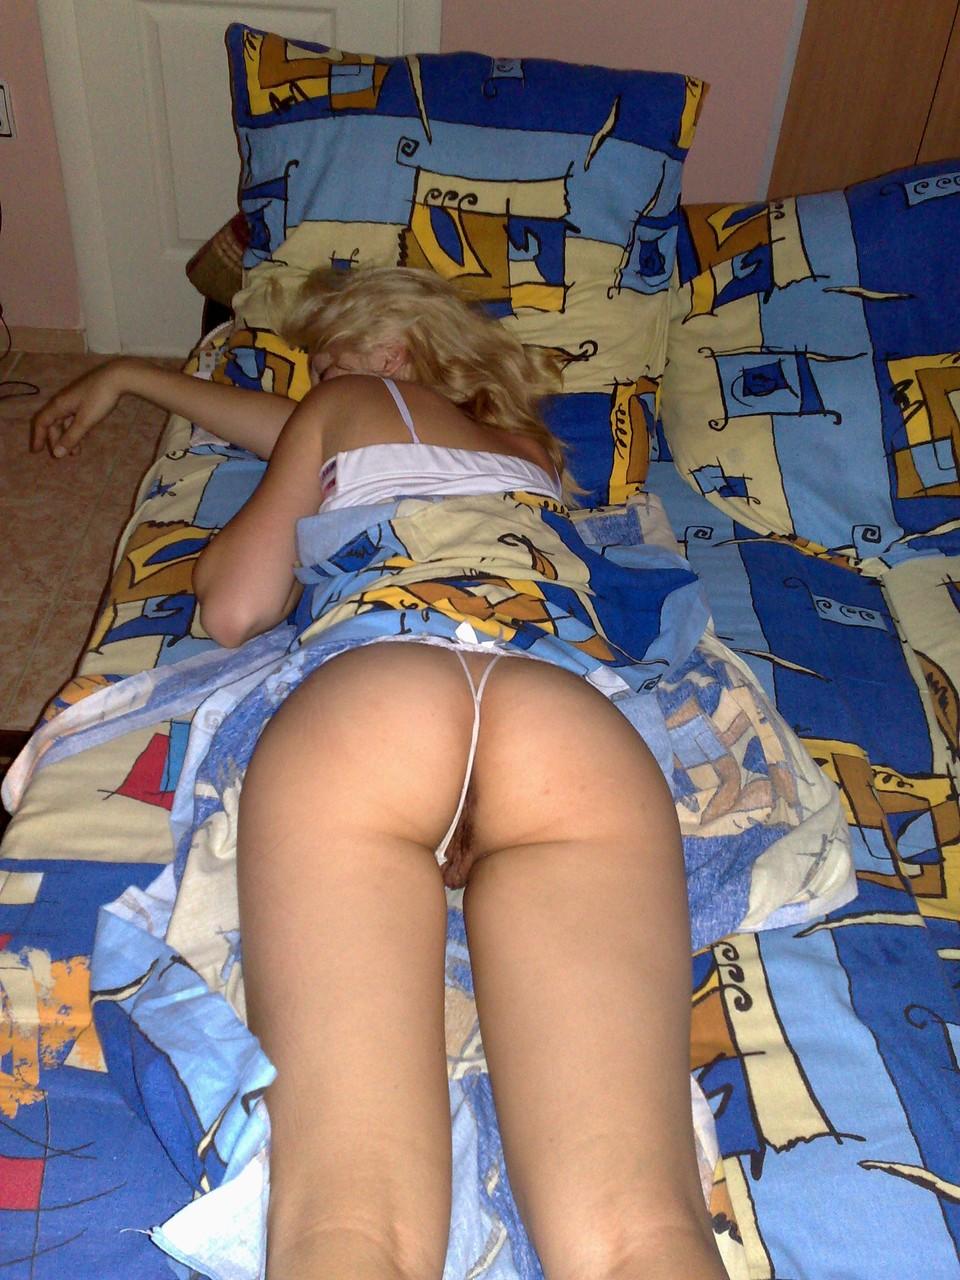 Сестра заснула в стрингах 21 фотография